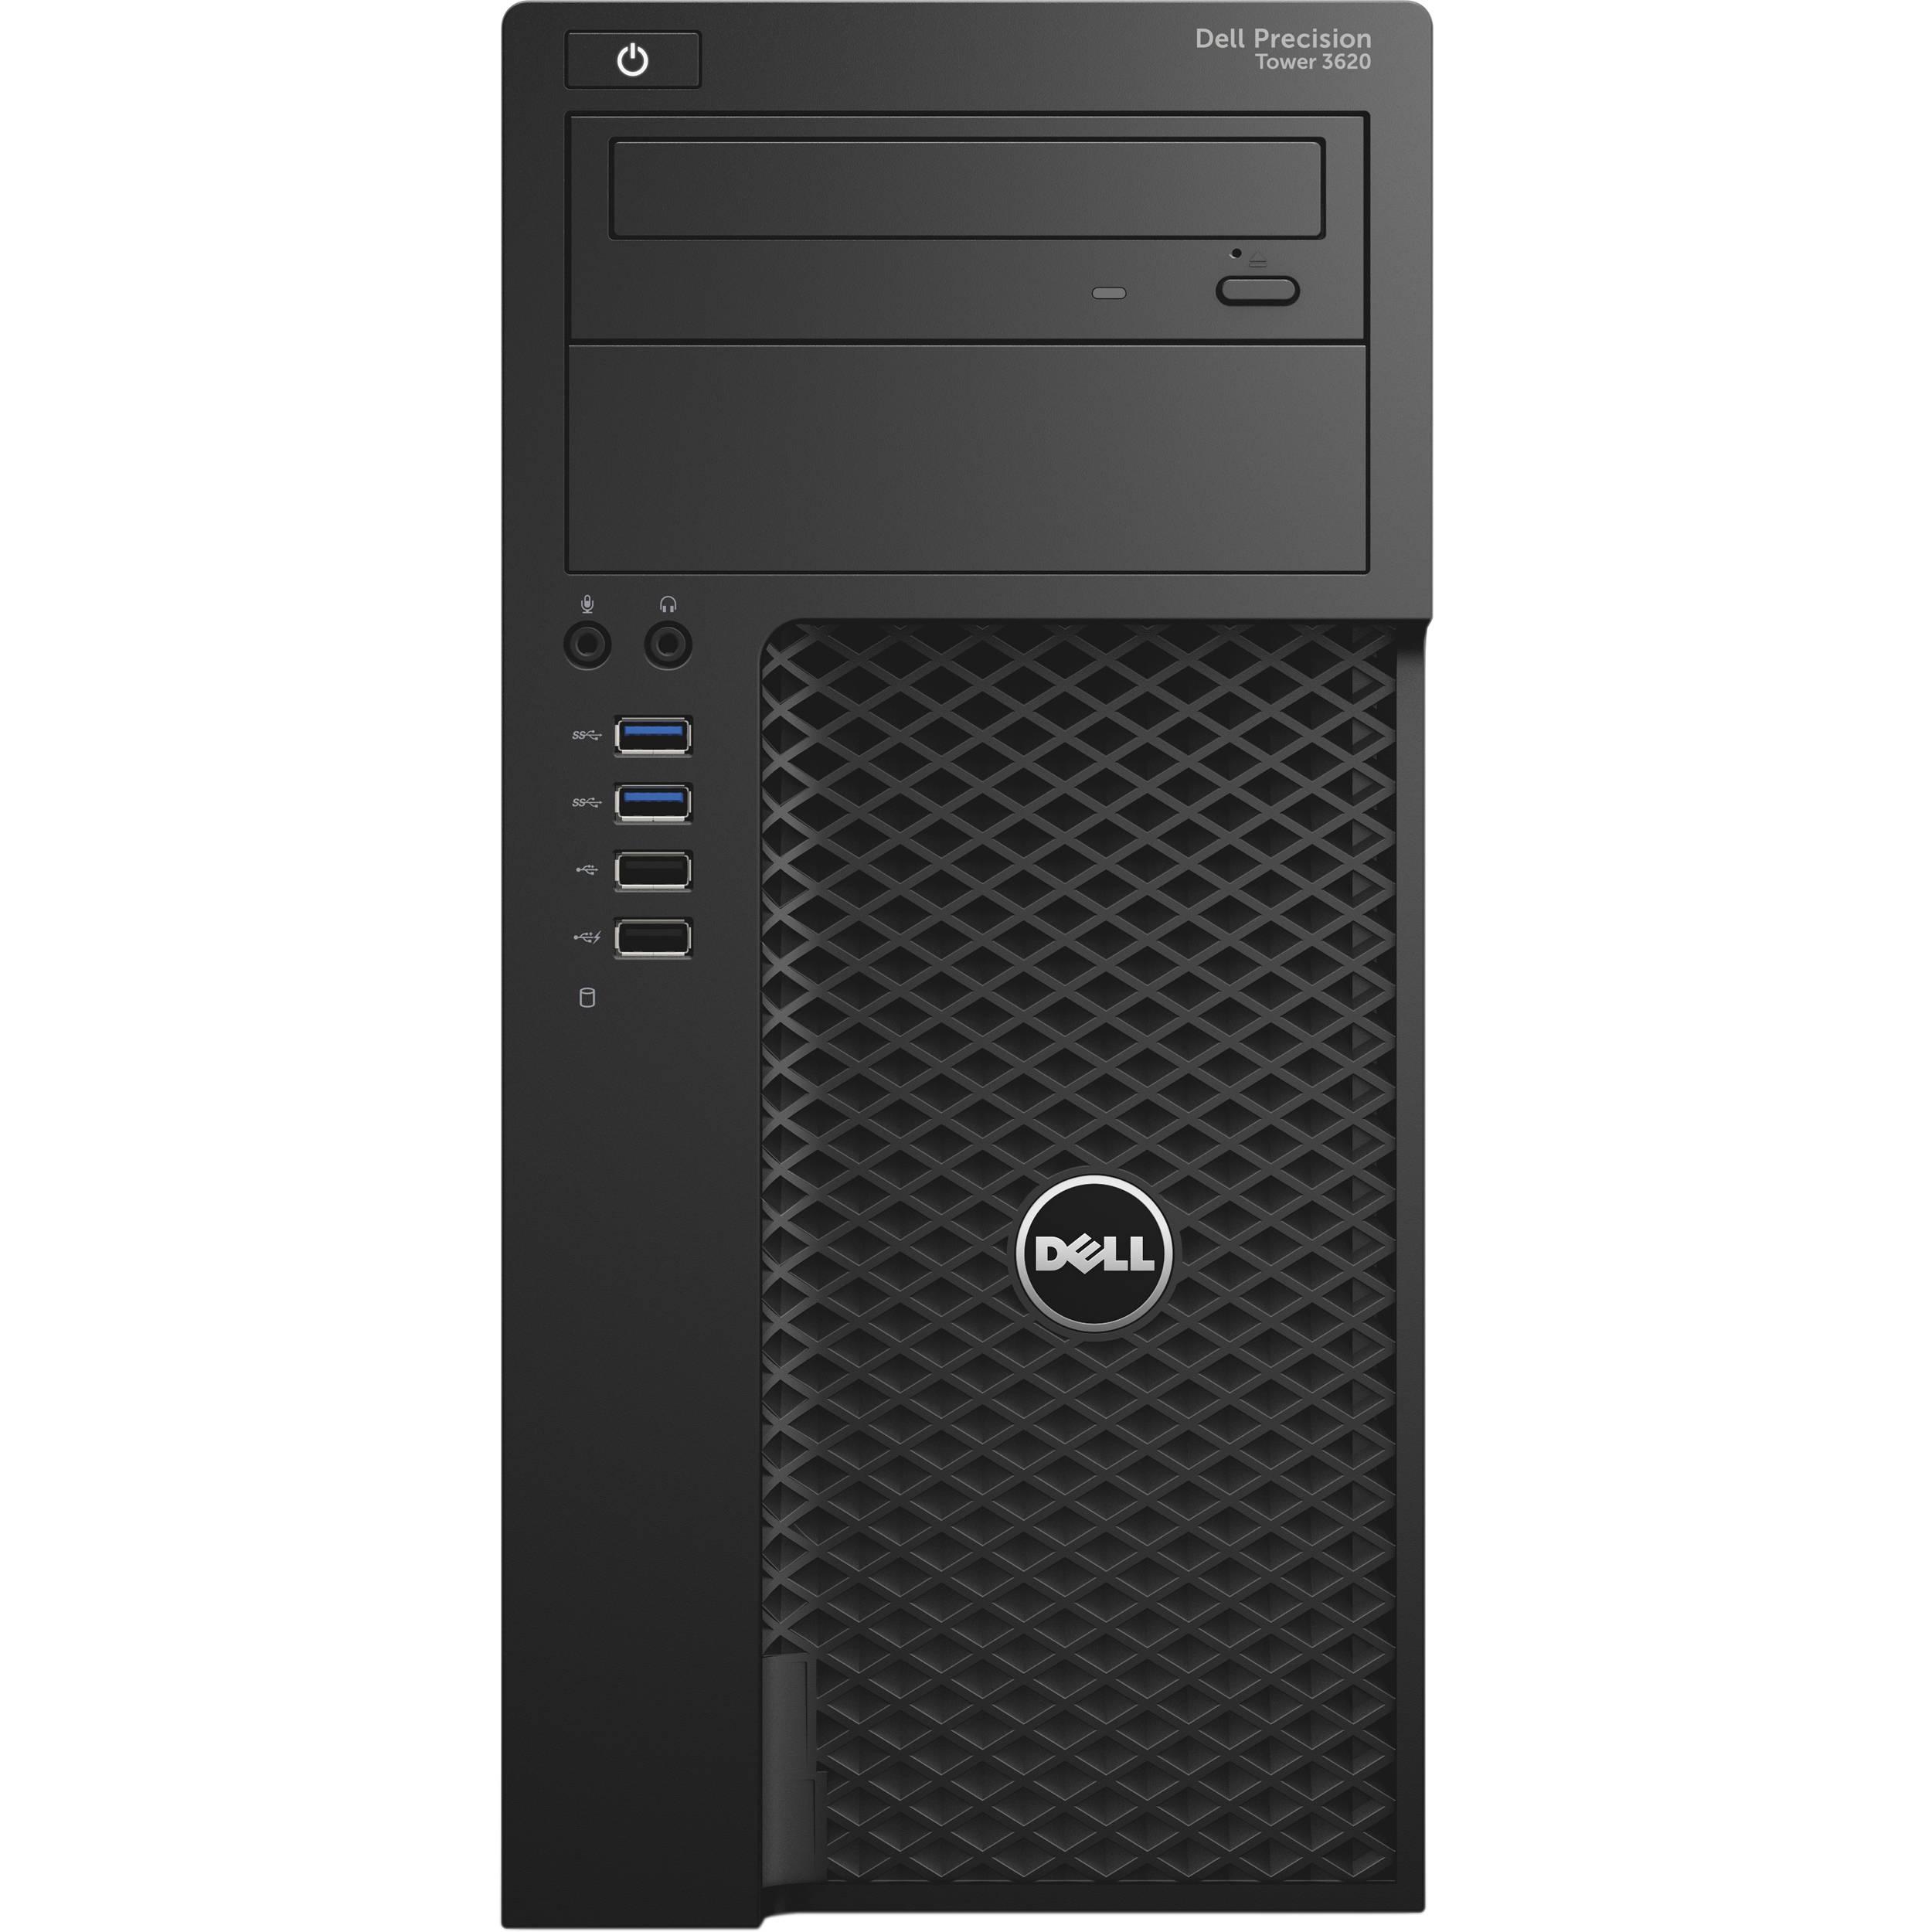 Dell Precision T3620 MT E3-1240/16G/256SSD/M2000-4G/HDMI/DP/DVD-RW/W7P+W10P/3RNBD